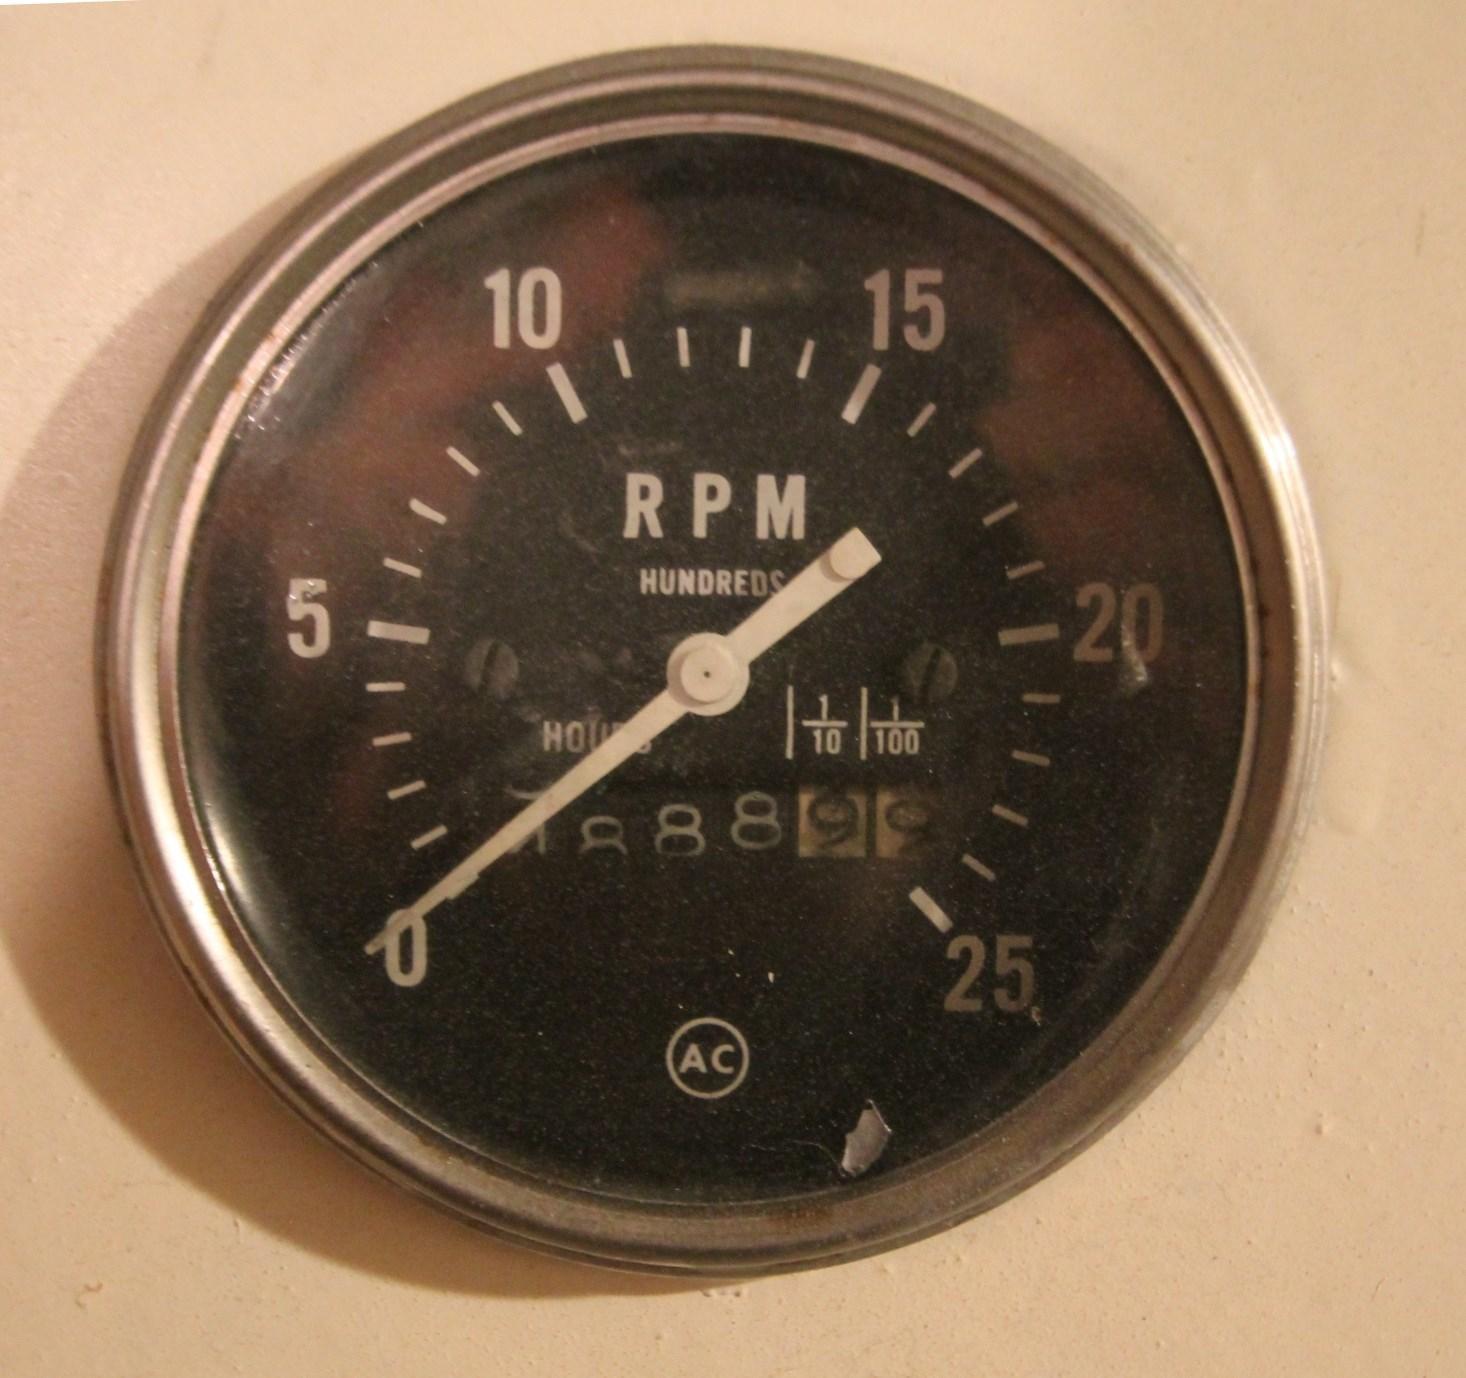 Stbd Hour Meter